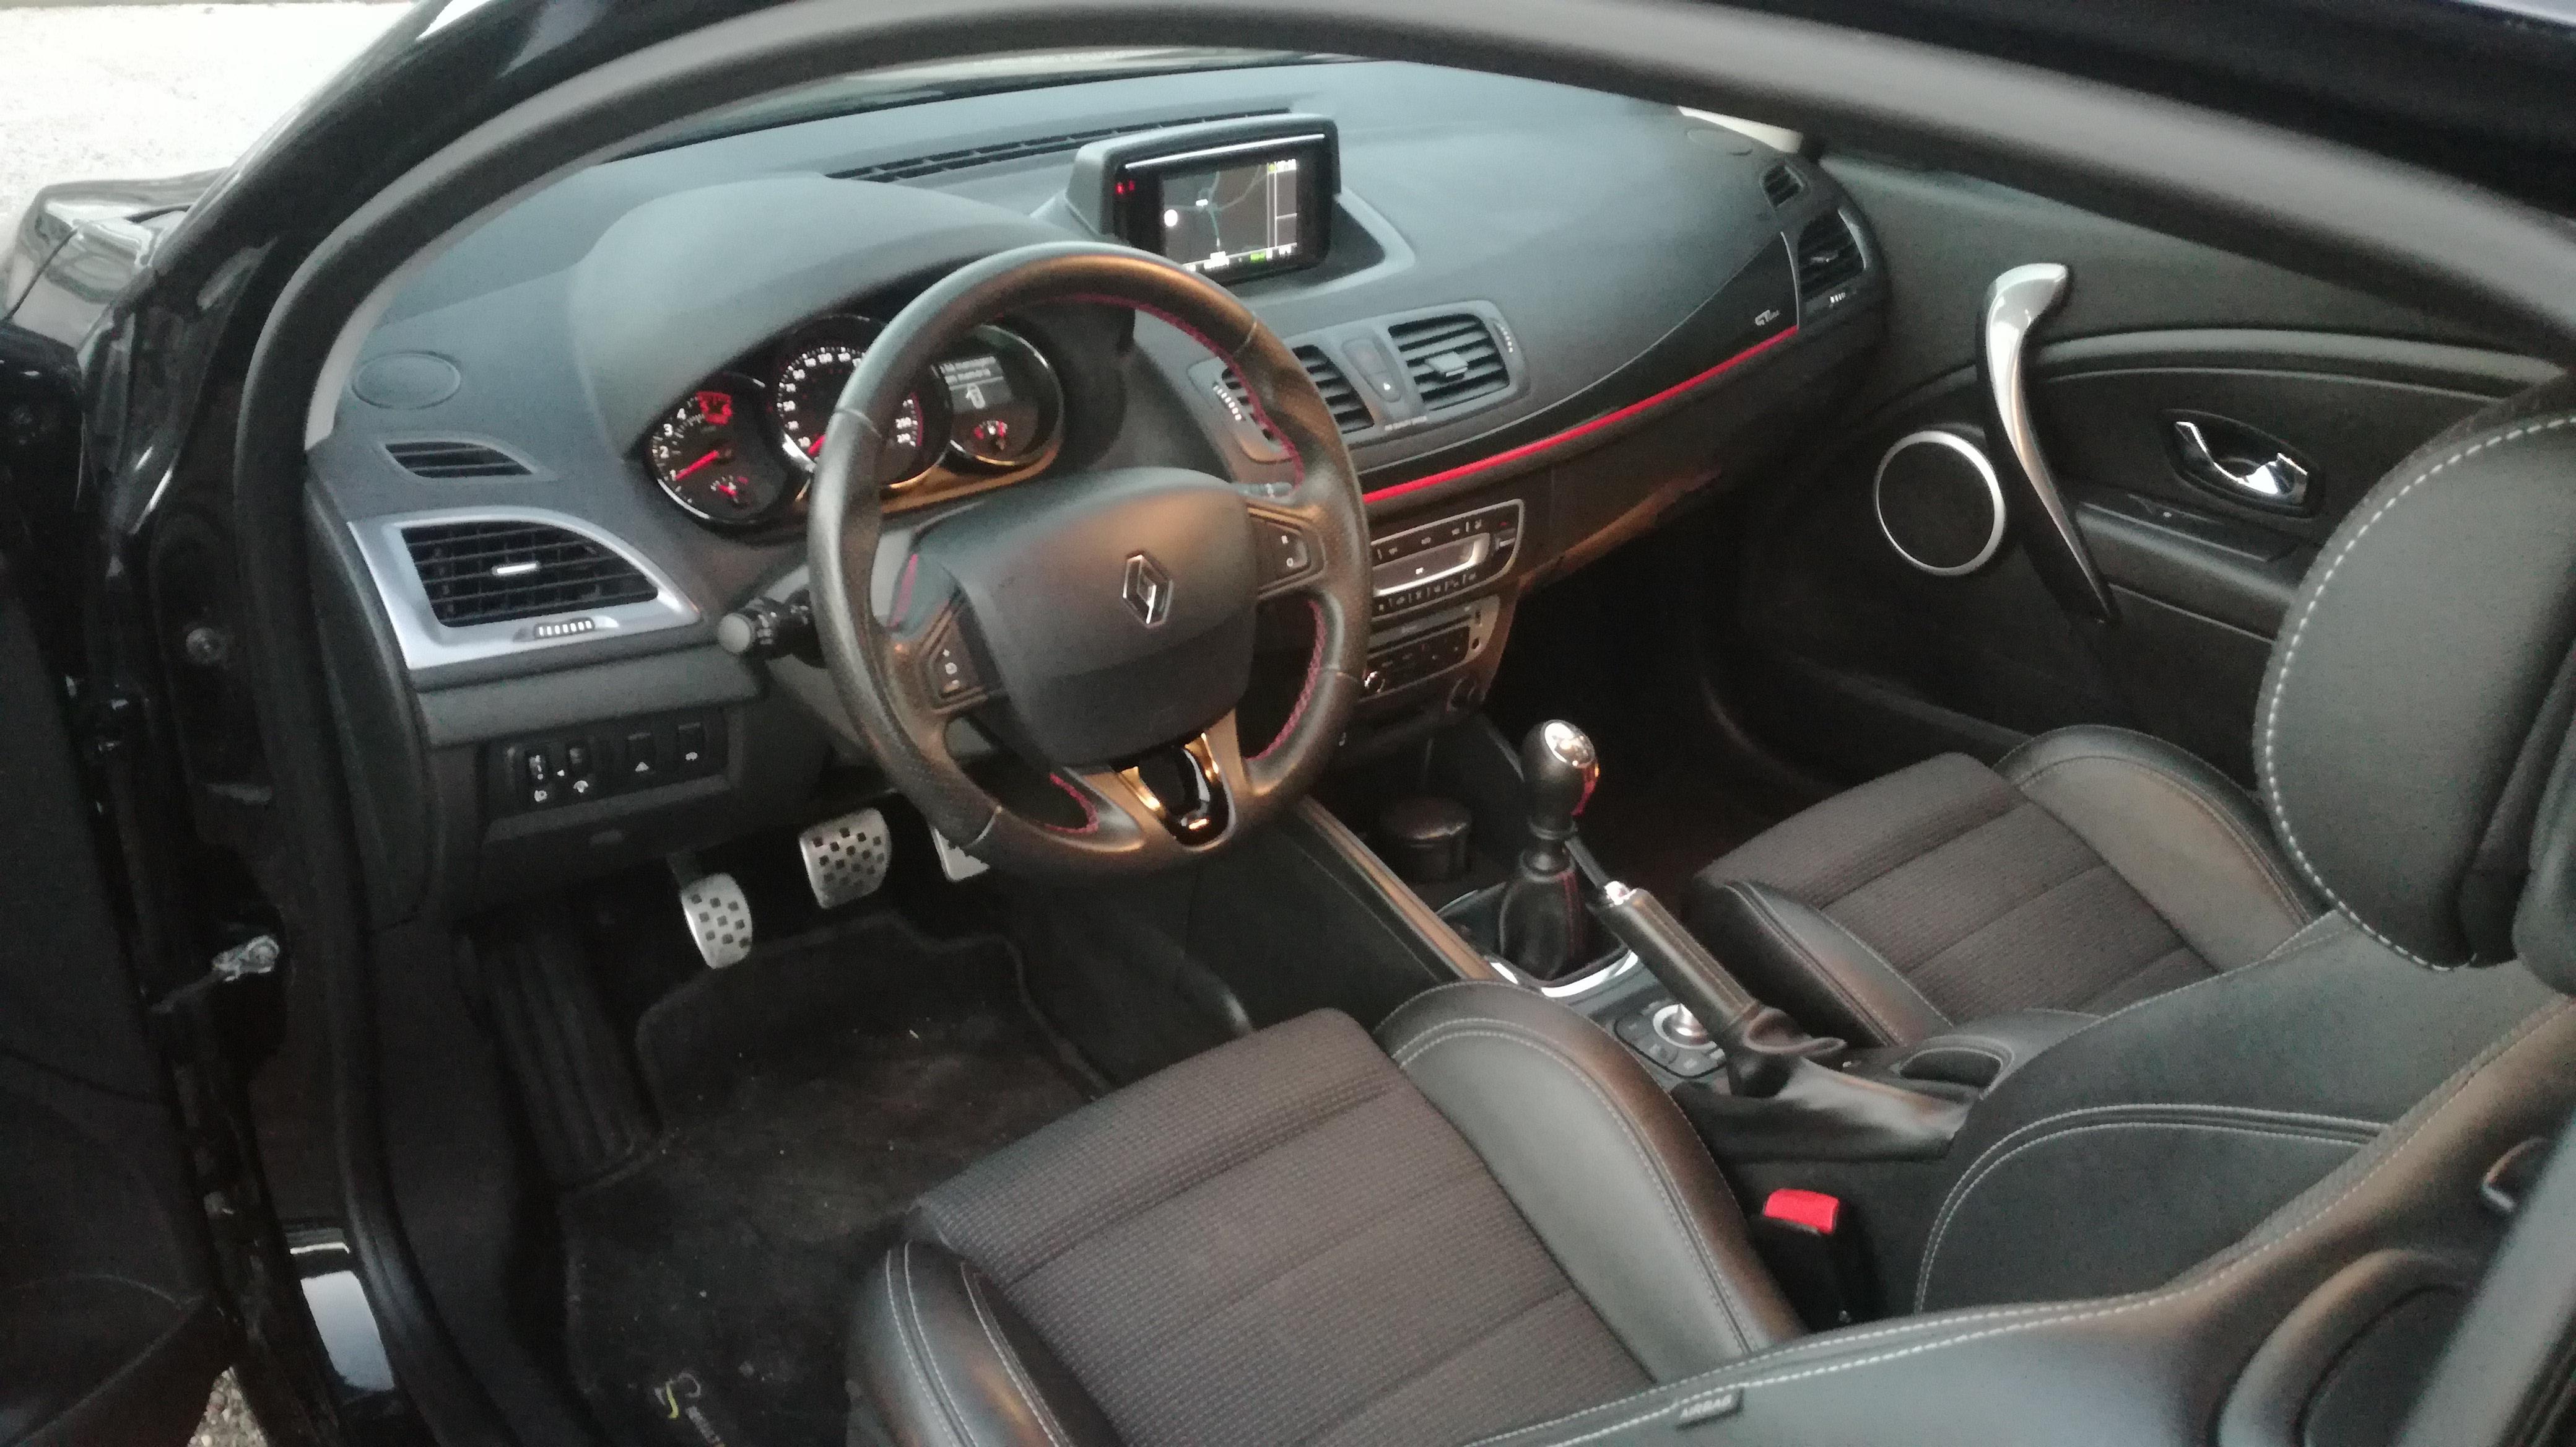 Renault Mégane Coupe 1.5 DCI 110 GT LINE | Imagem 11